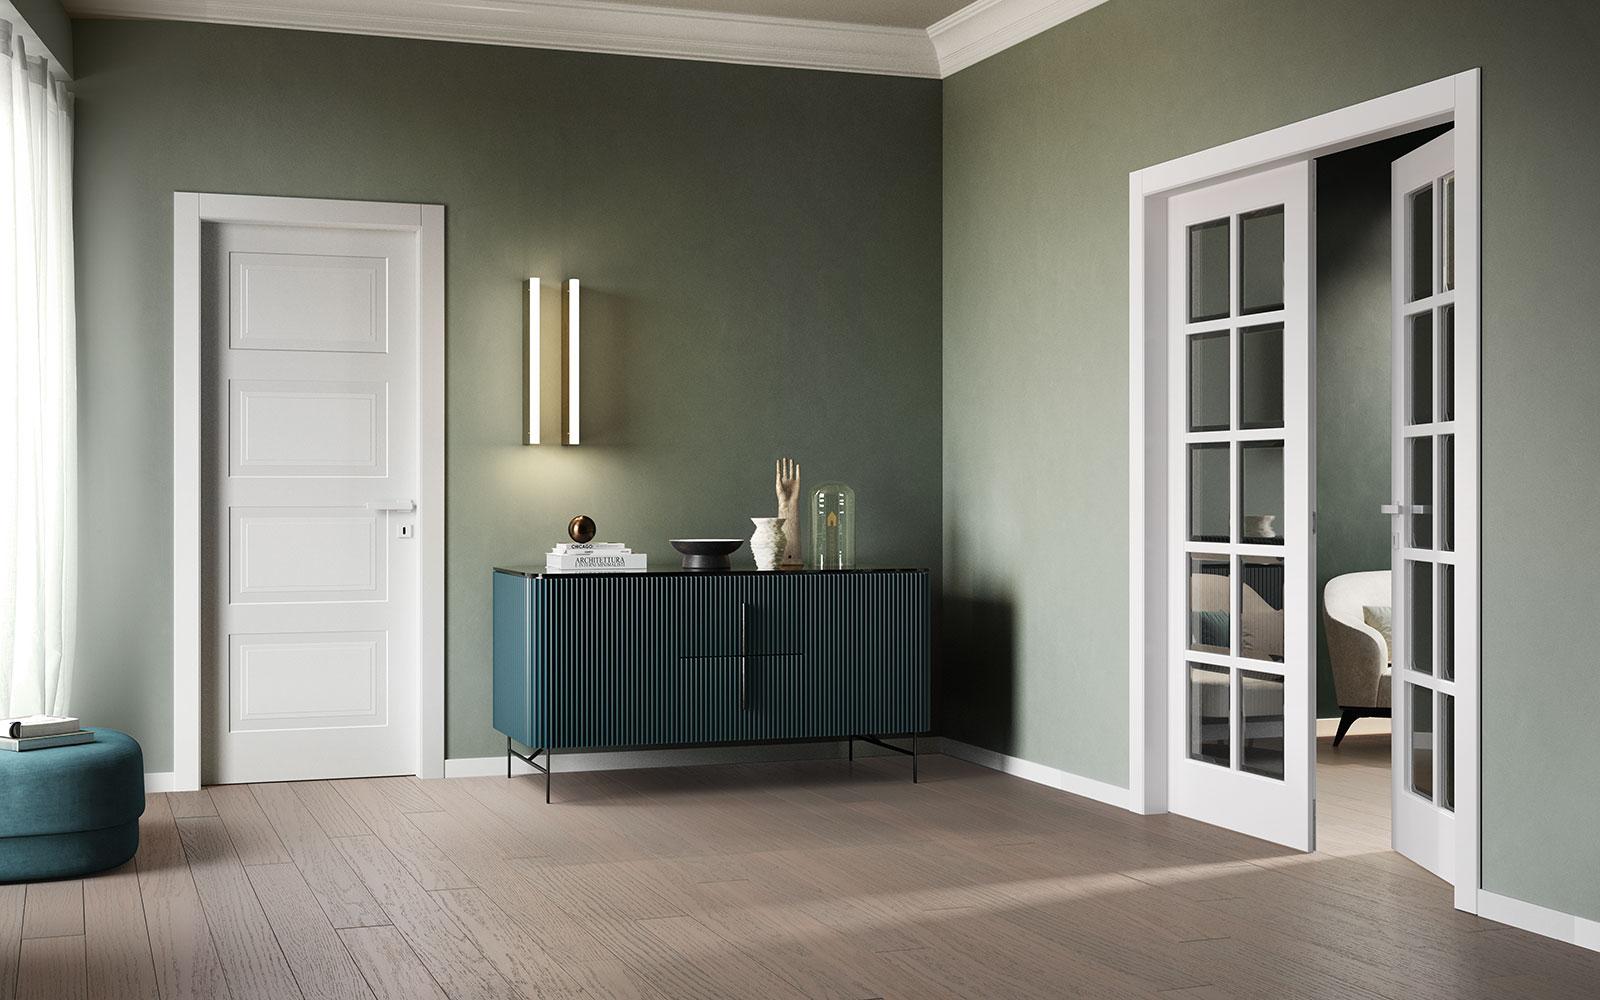 Porte laccate bianche con vetro classiche - Garofoli